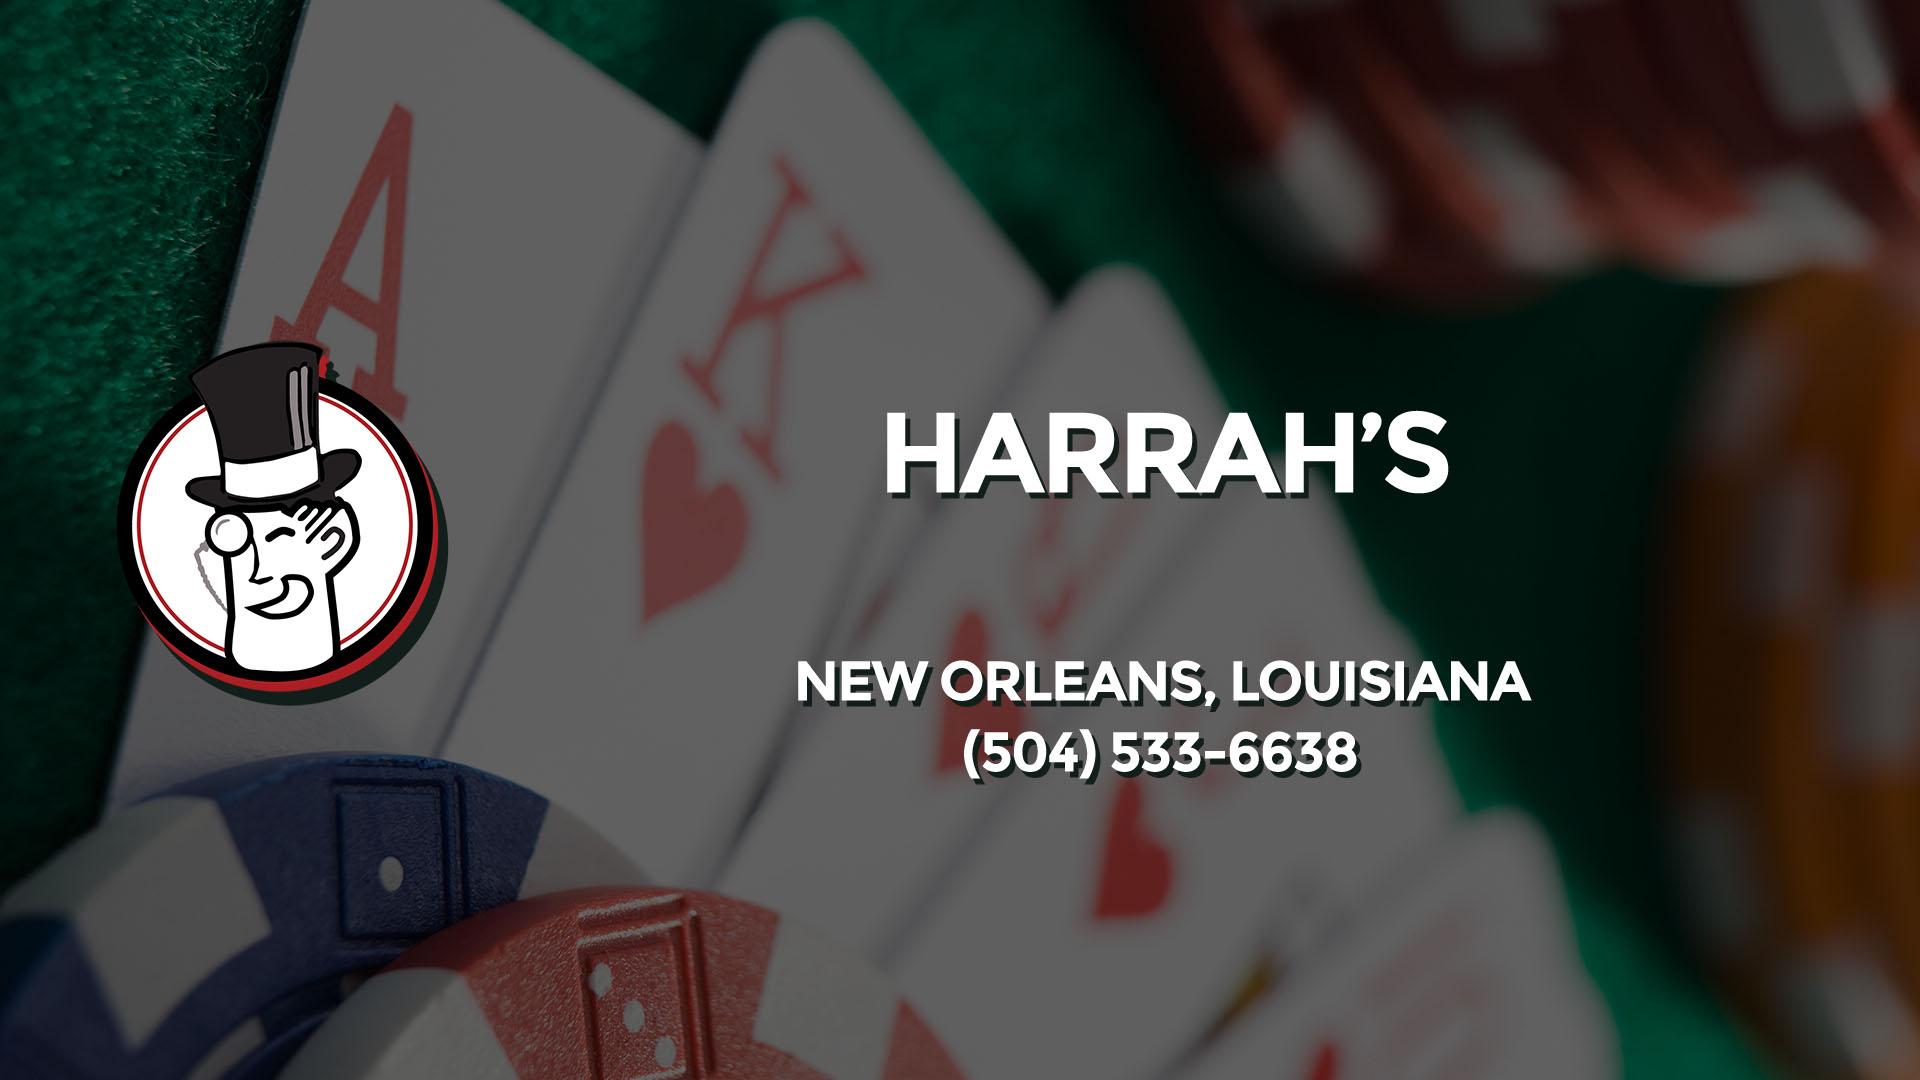 HARRAH'S NEW ORLEANS LA